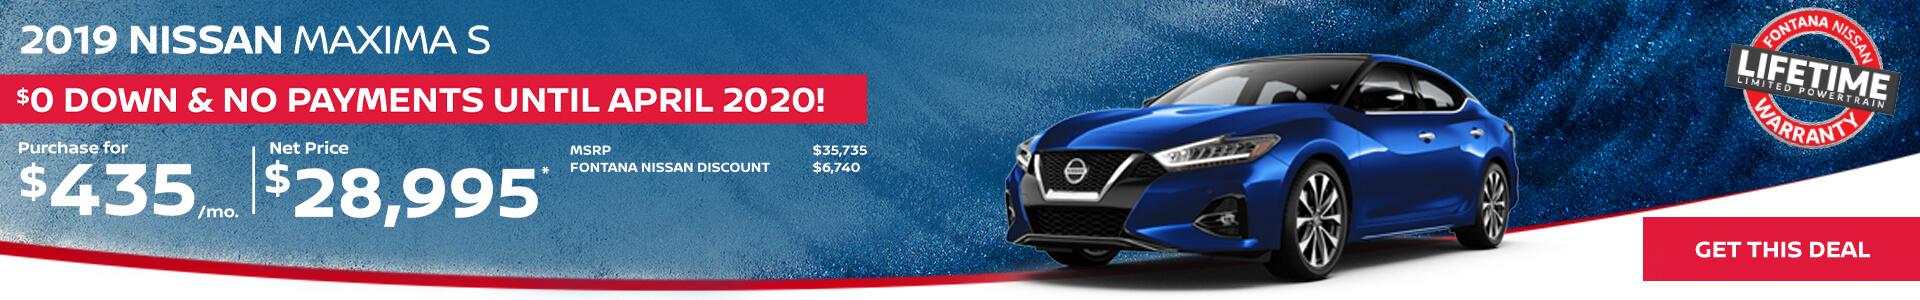 Nissan Maxima $435